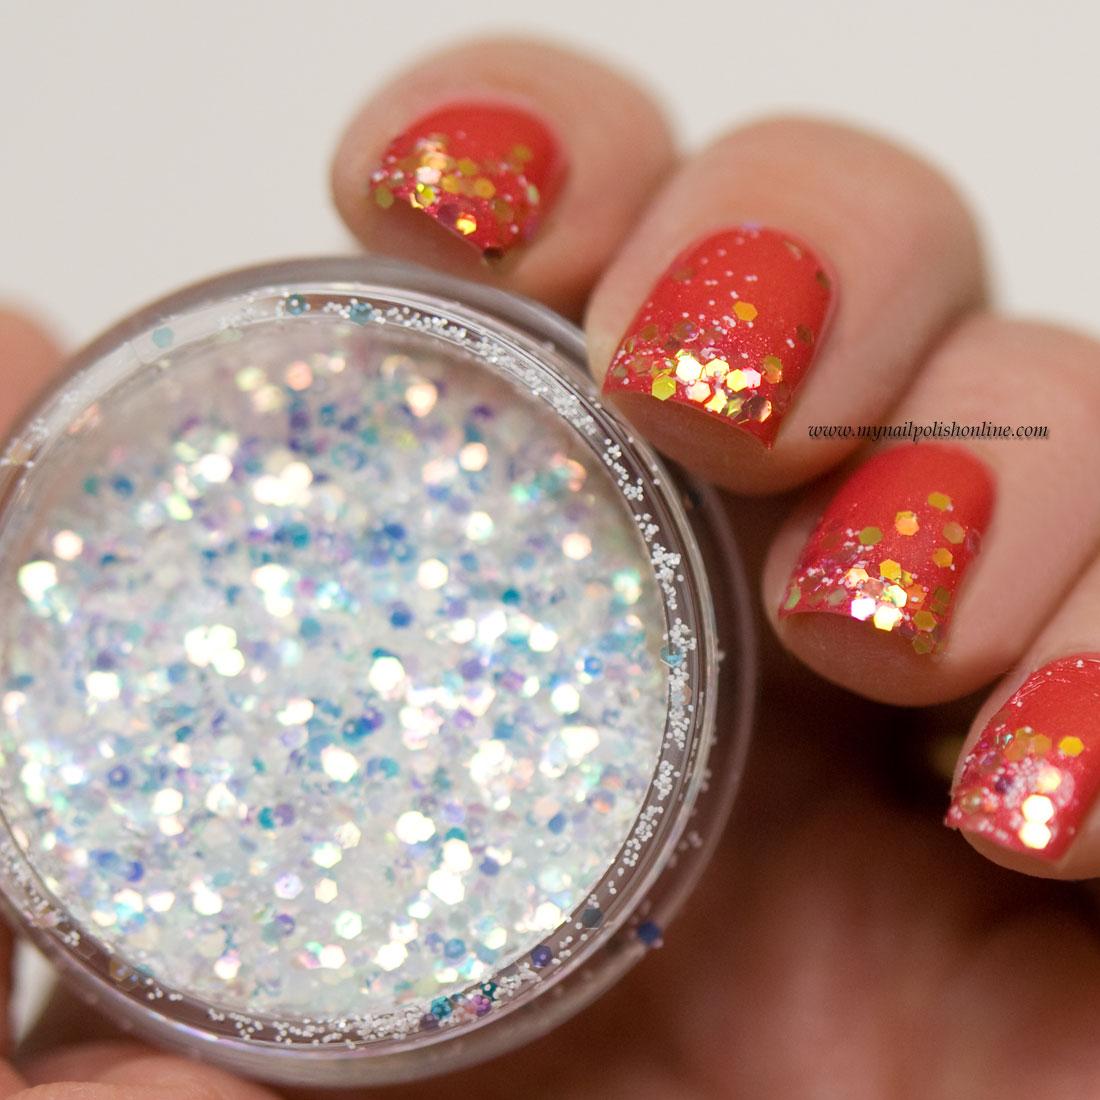 Aden Glitter Powder - Milky Way